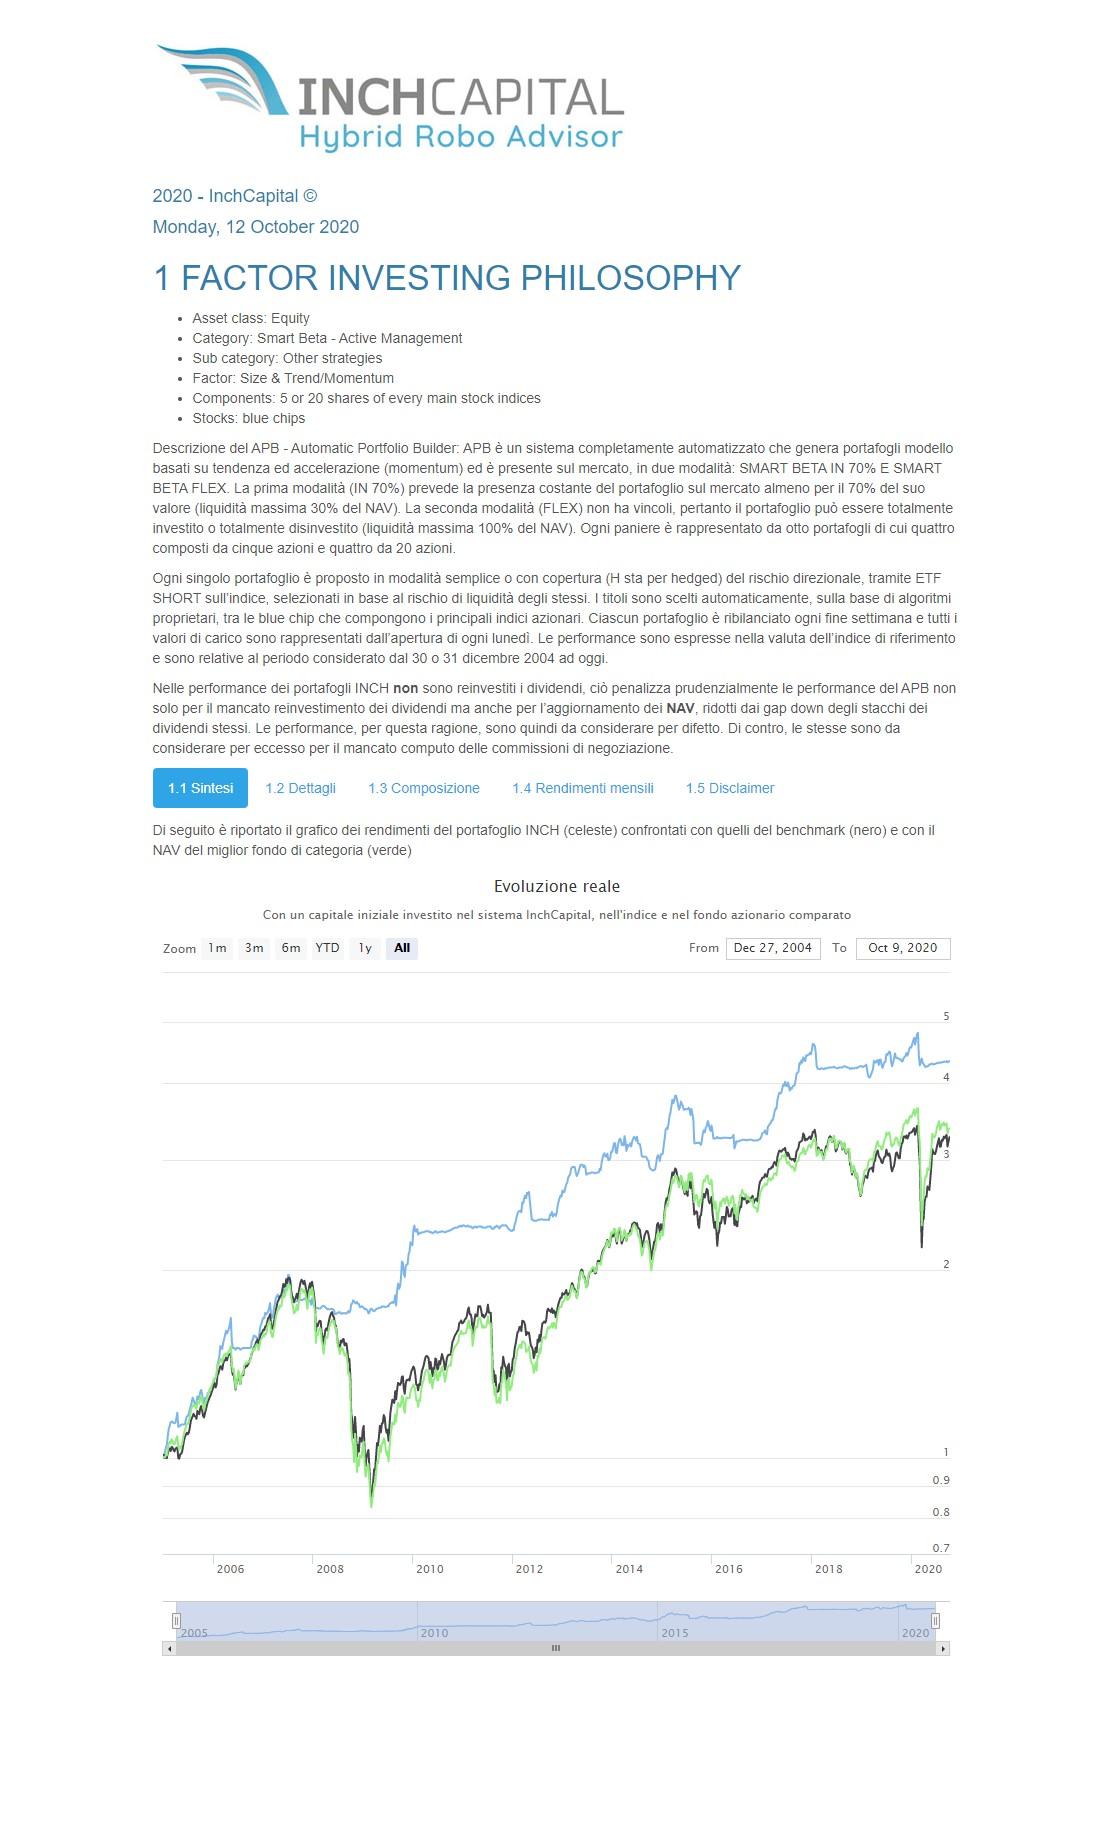 InchCapital Automatic Portfolio Builder – pagina 1.1. del report portfolio: portafoglio modello su Germania LargeMidCap Smart Beta Flessibile UCITS – 20 components Hedged confrontato con il Benchmark di riferimento ed il miglior fondo selezionato per la categoria: periodo 2005 – 2020